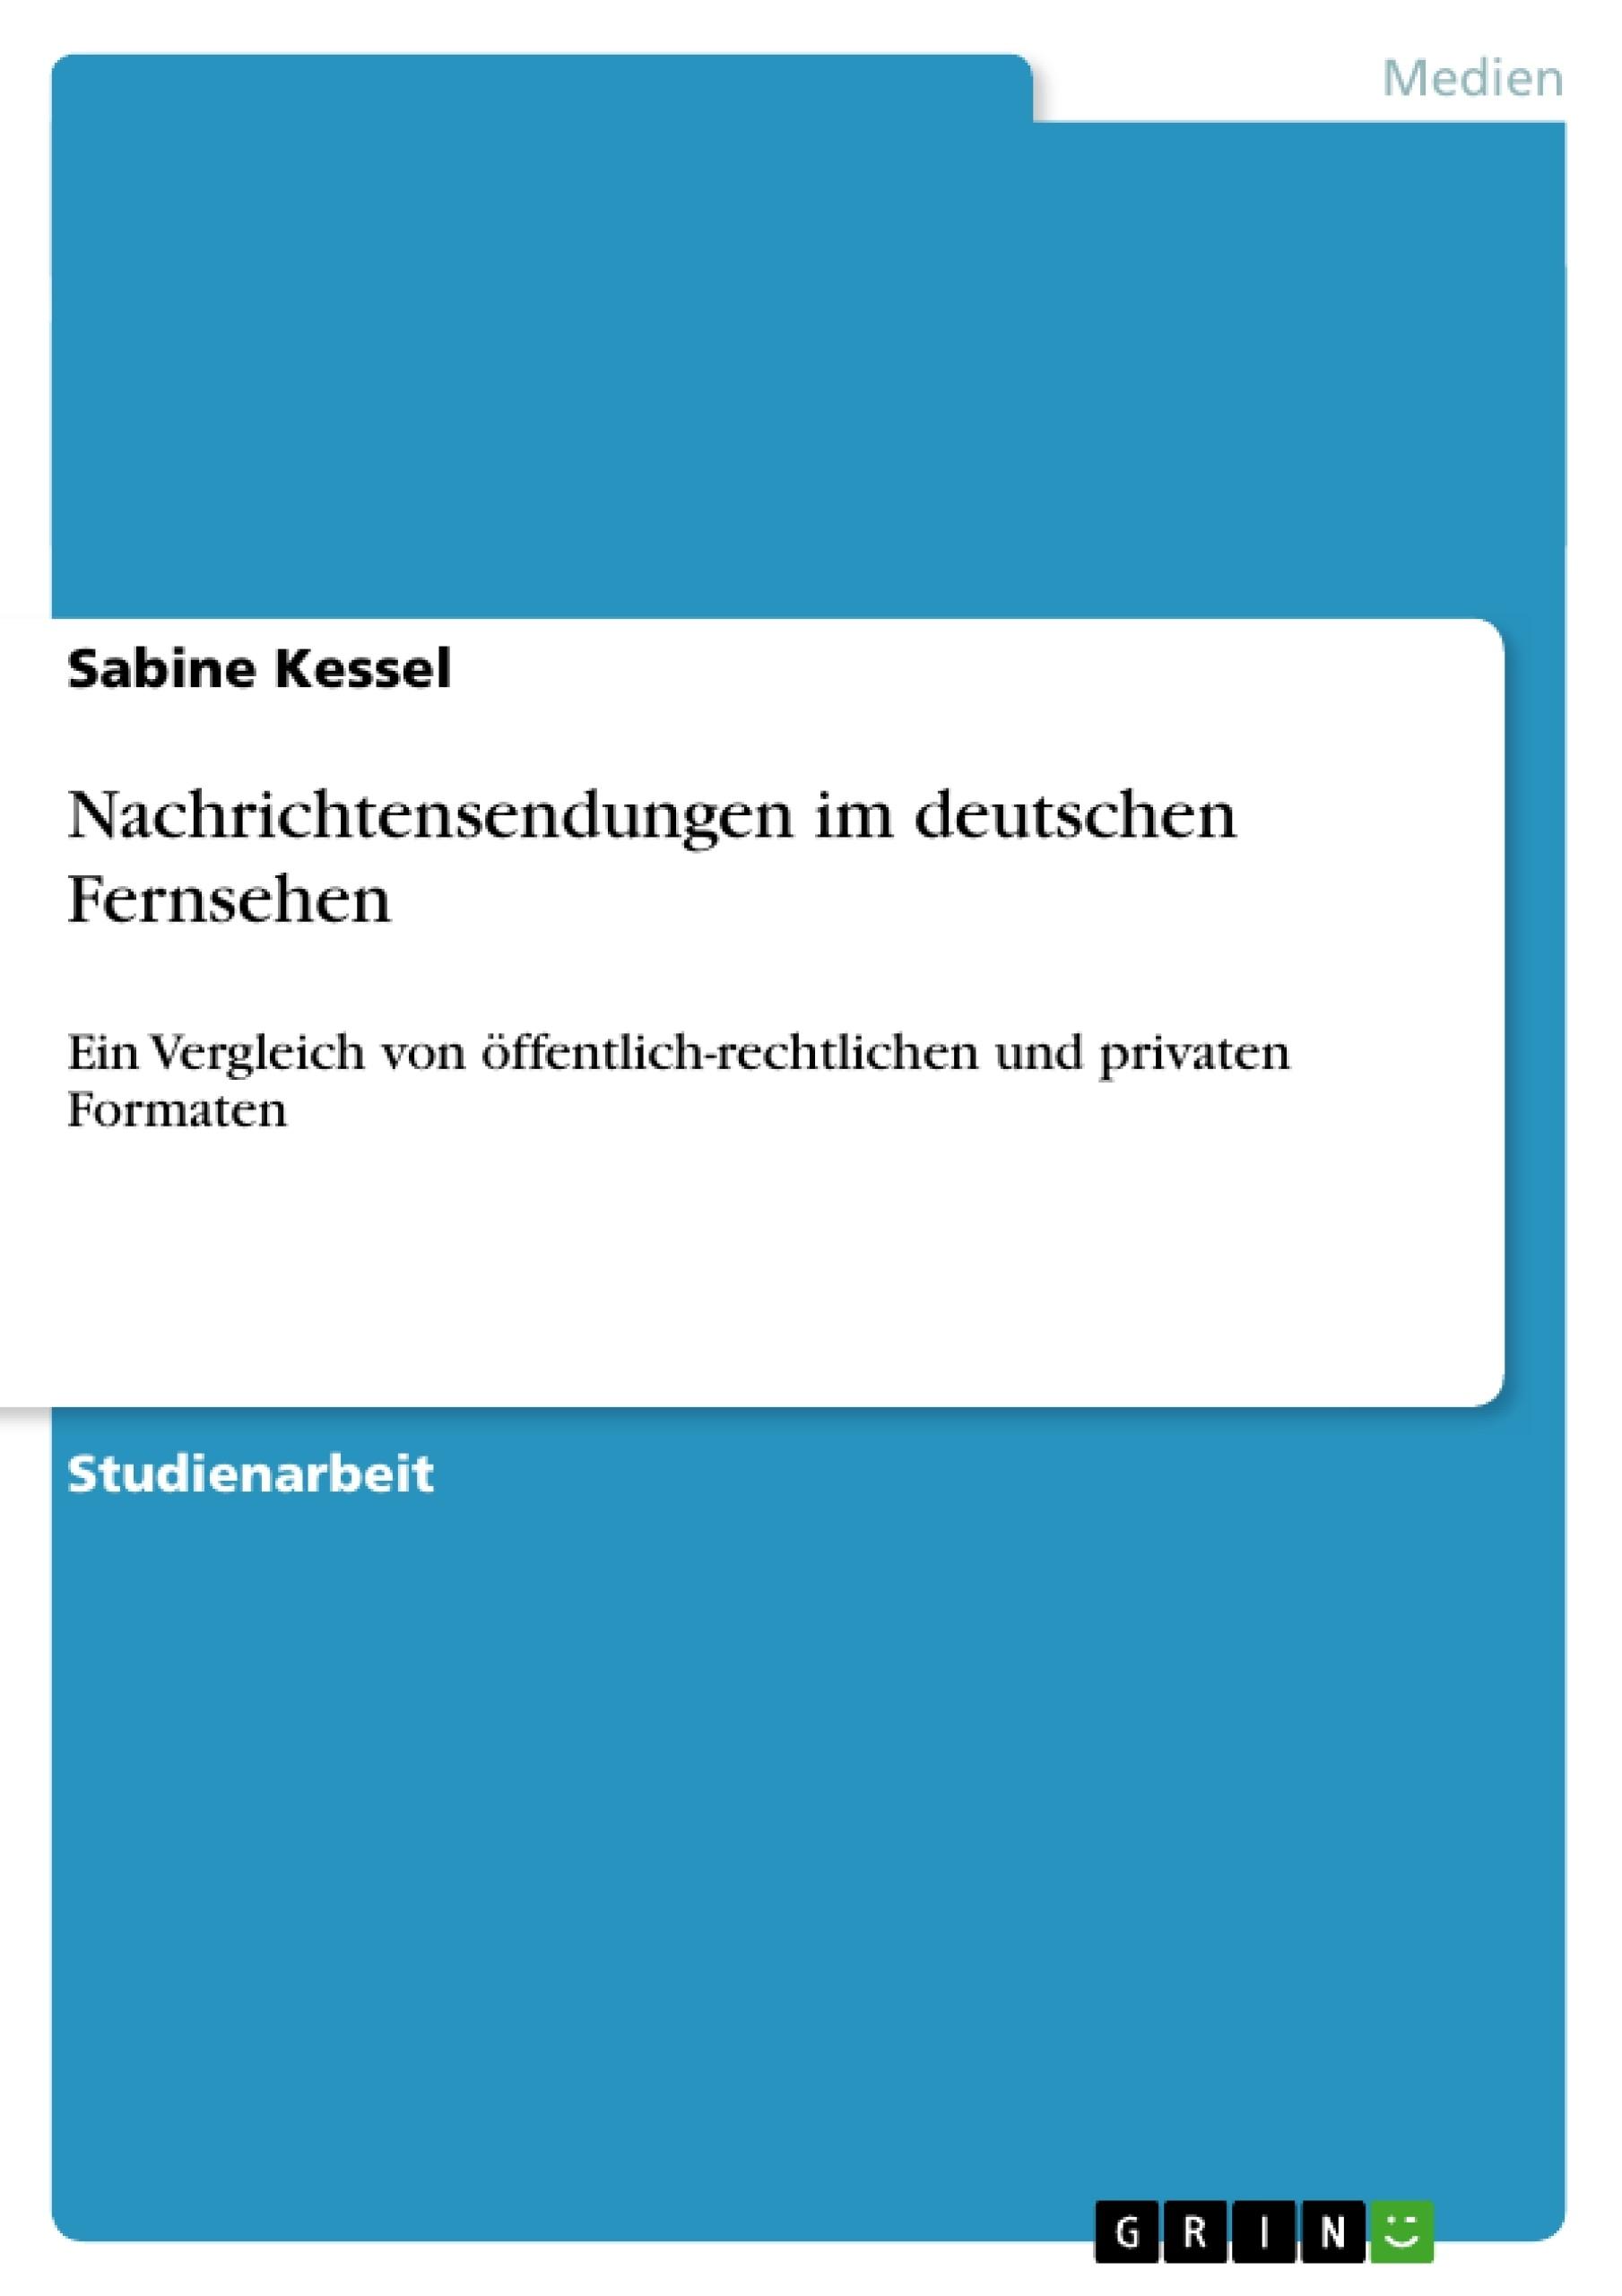 Titel: Nachrichtensendungen im deutschen Fernsehen